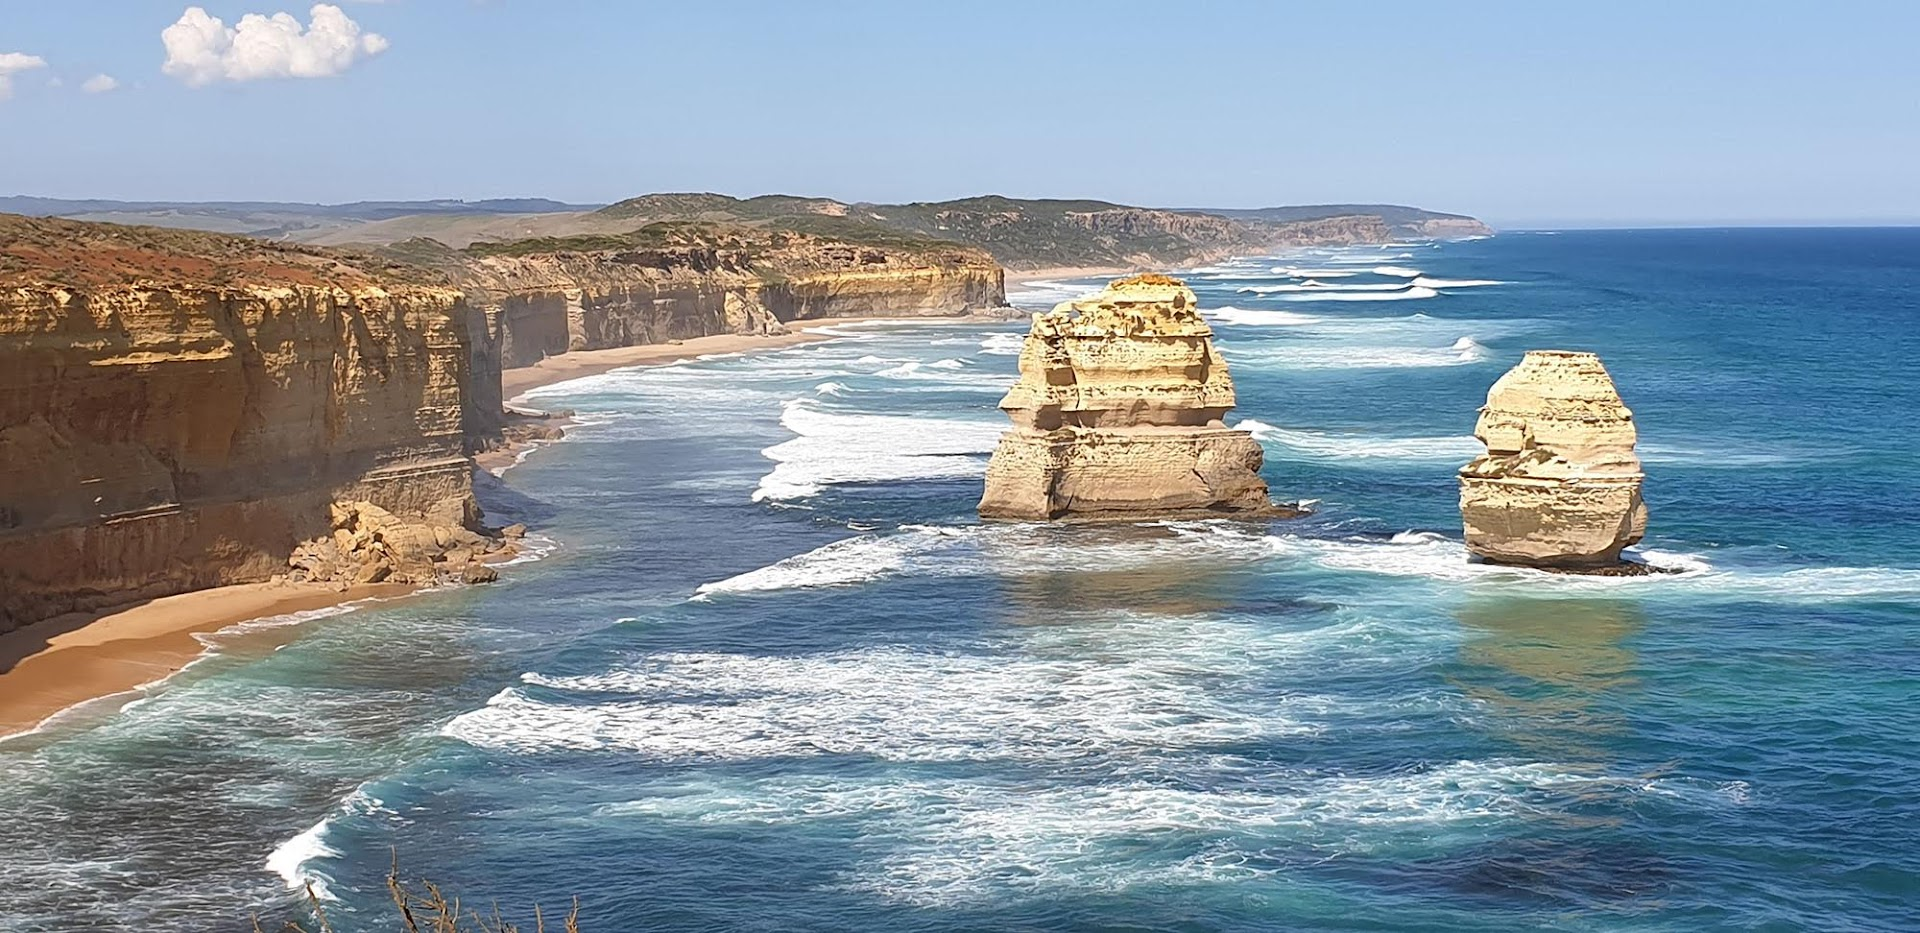 VIAJAR NA AUSTRÁLIA | { GUIA DE VIAGEM } - Roteiro para 30 dias de viagem desde Cairns a Sydney, Uluru e à Great Ocean Road